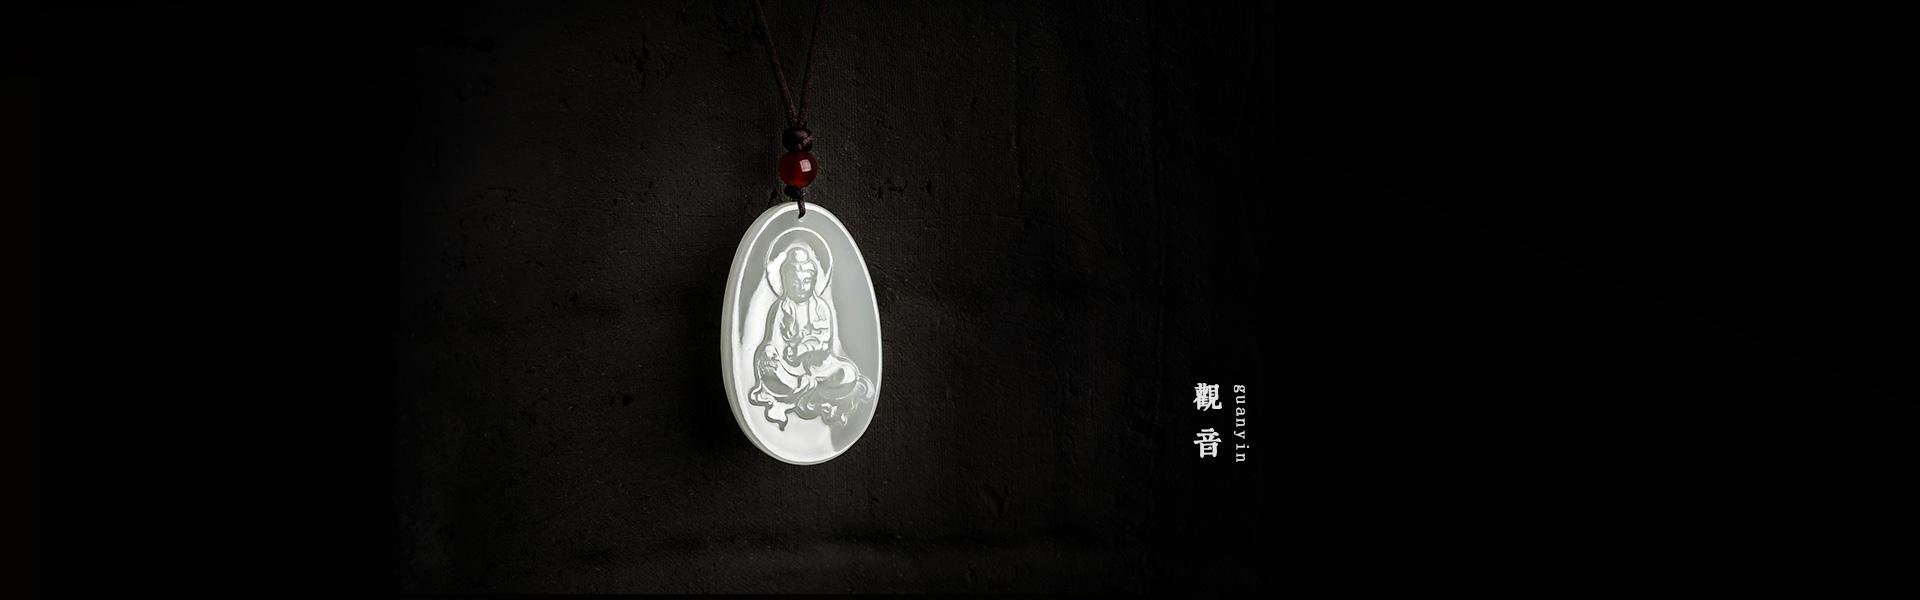 越南沉香木雕摆件